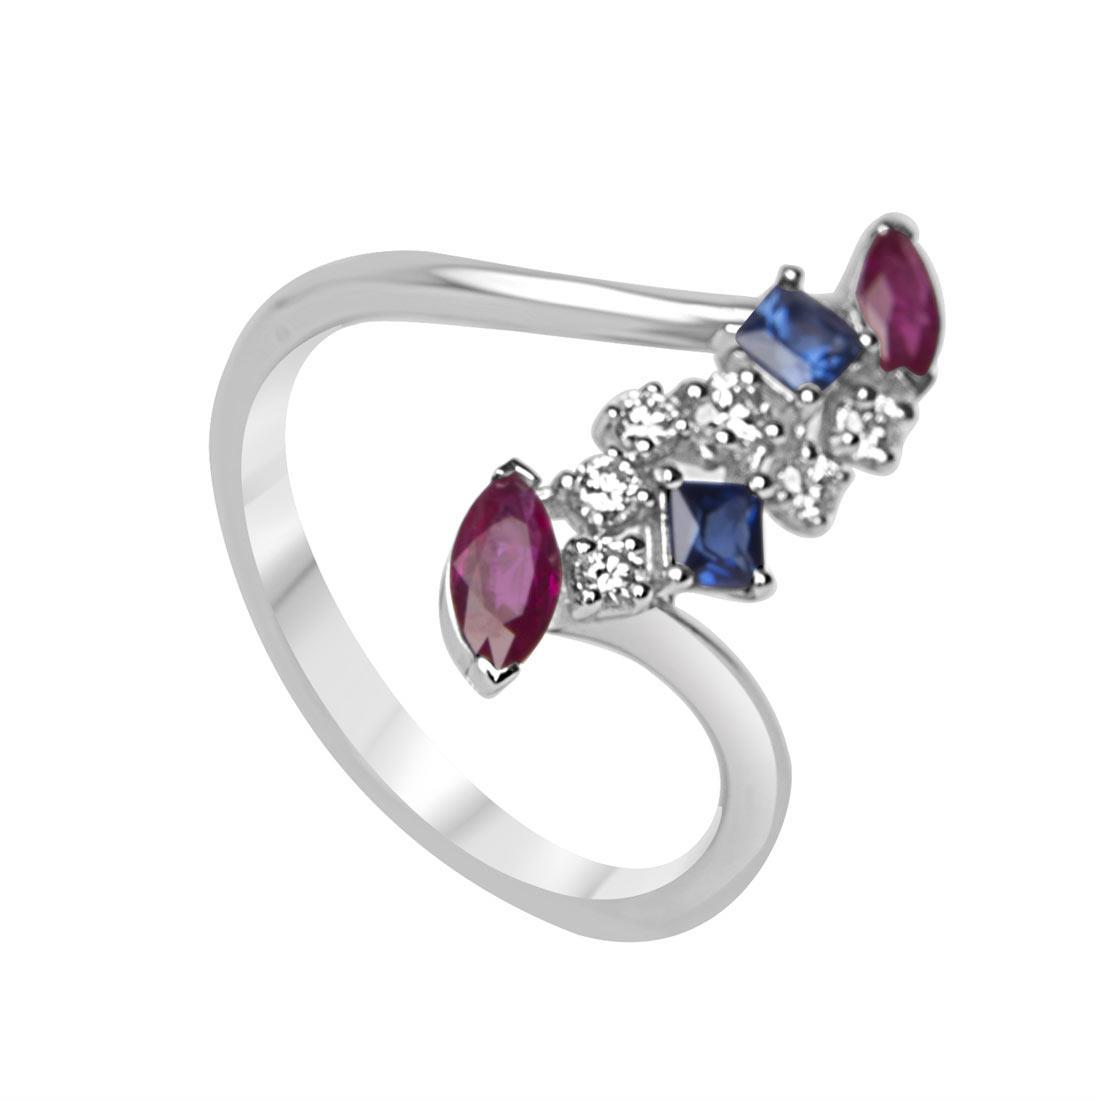 Anello in oro bianco con diamanti, rubini e zaffiri mis 13 - ORO&CO